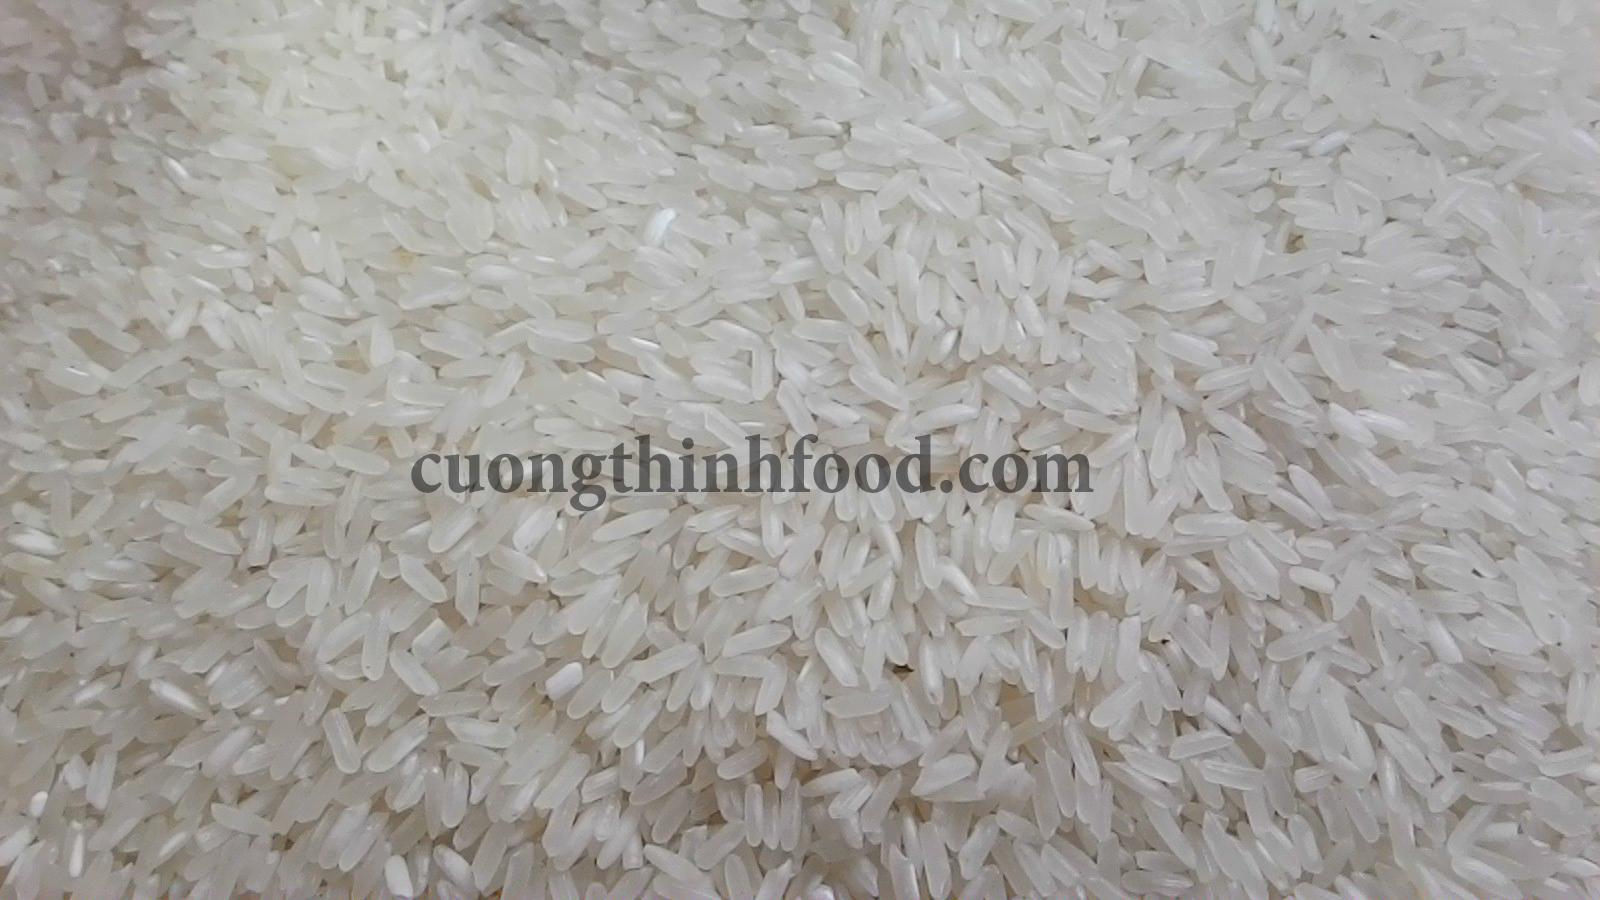 Gạo sari cho cơm khô ráo, ngon ngọt cơm